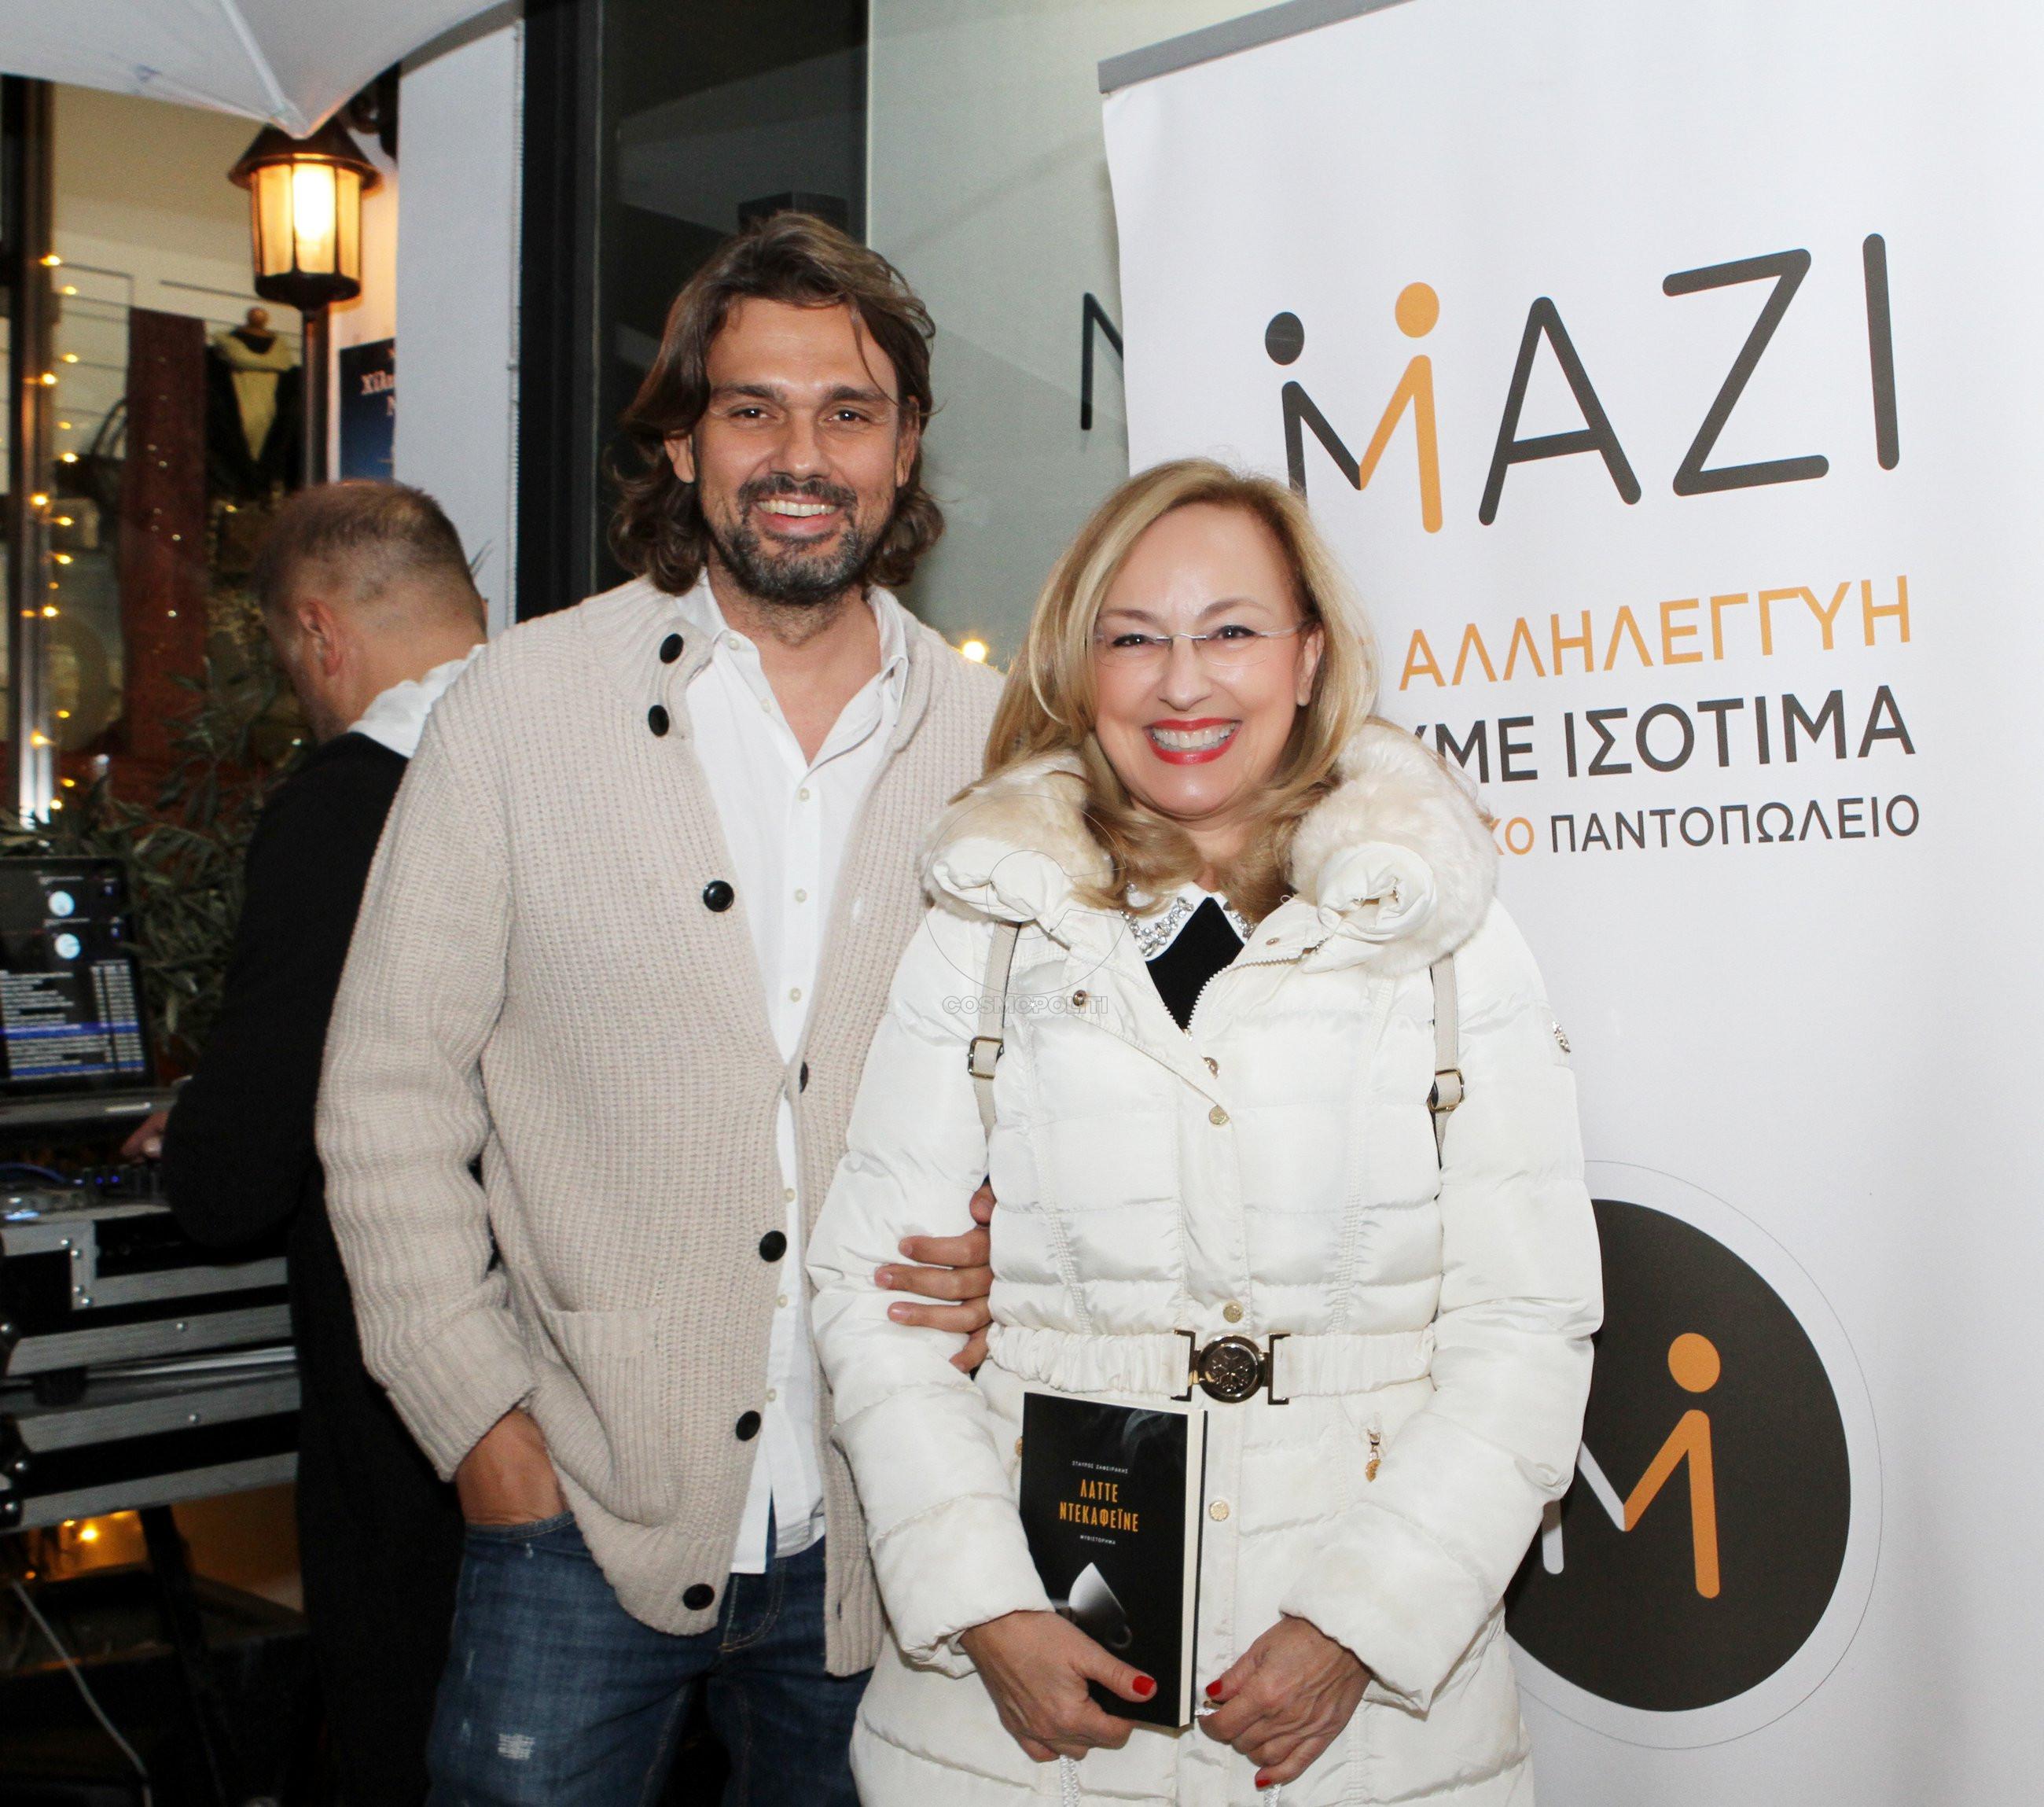 3 Ο συγγραφέας Σταύρος Ζαφειράκης με την Πρόεδρο του ΜΑΖΙ Αλεξάνδρα Γωγούση